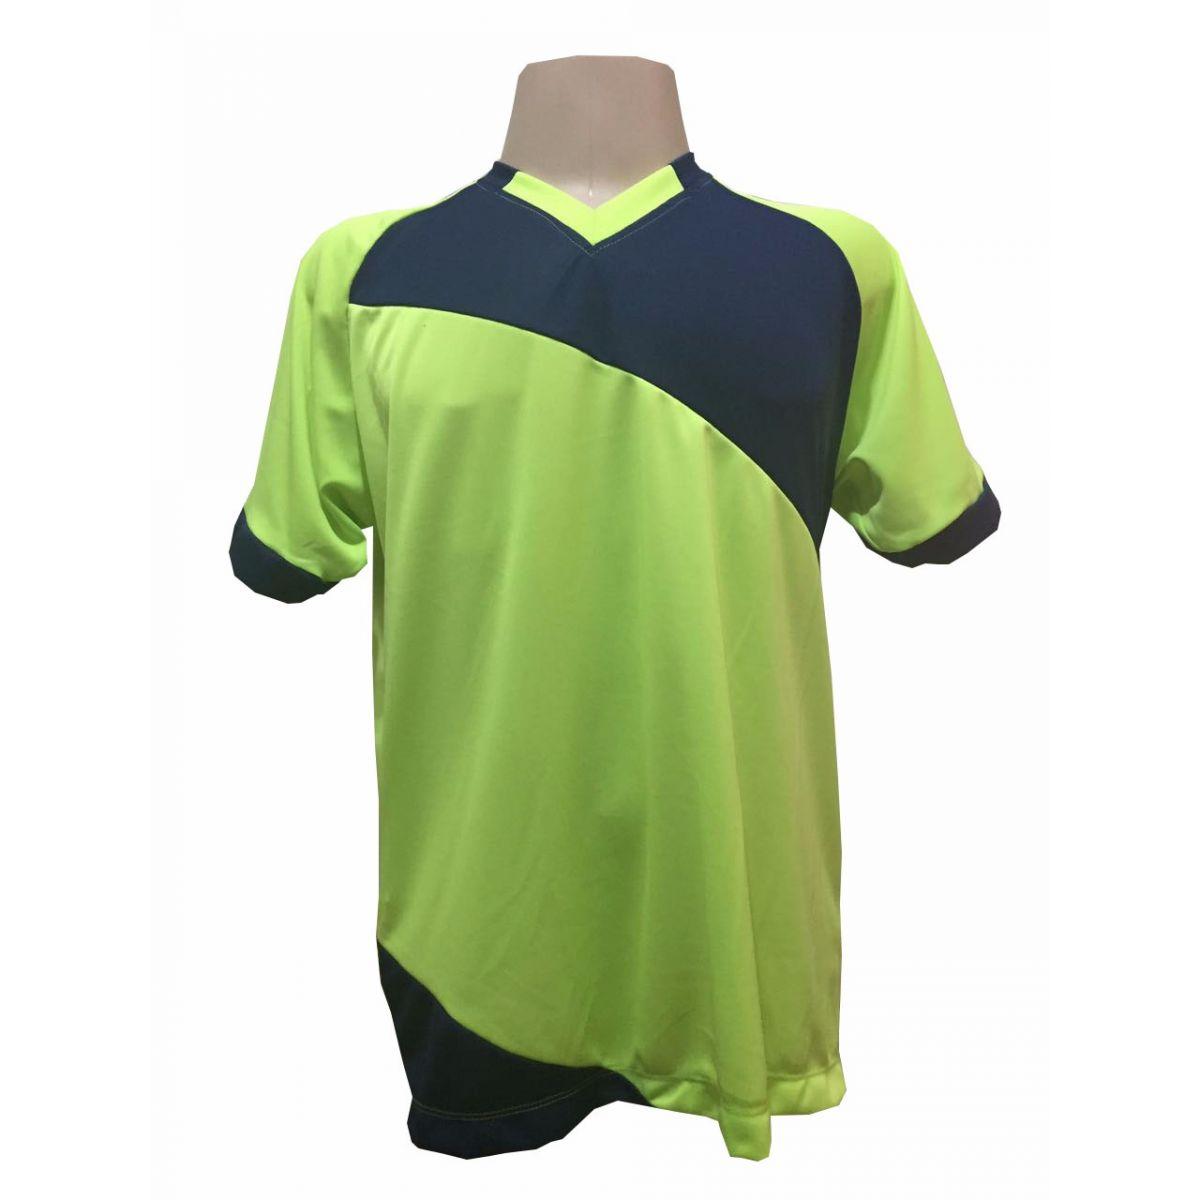 Jogo de Camisa com 20 unidades modelo Bélgica Limão/Marinho + 1 Goleiro + Brindes